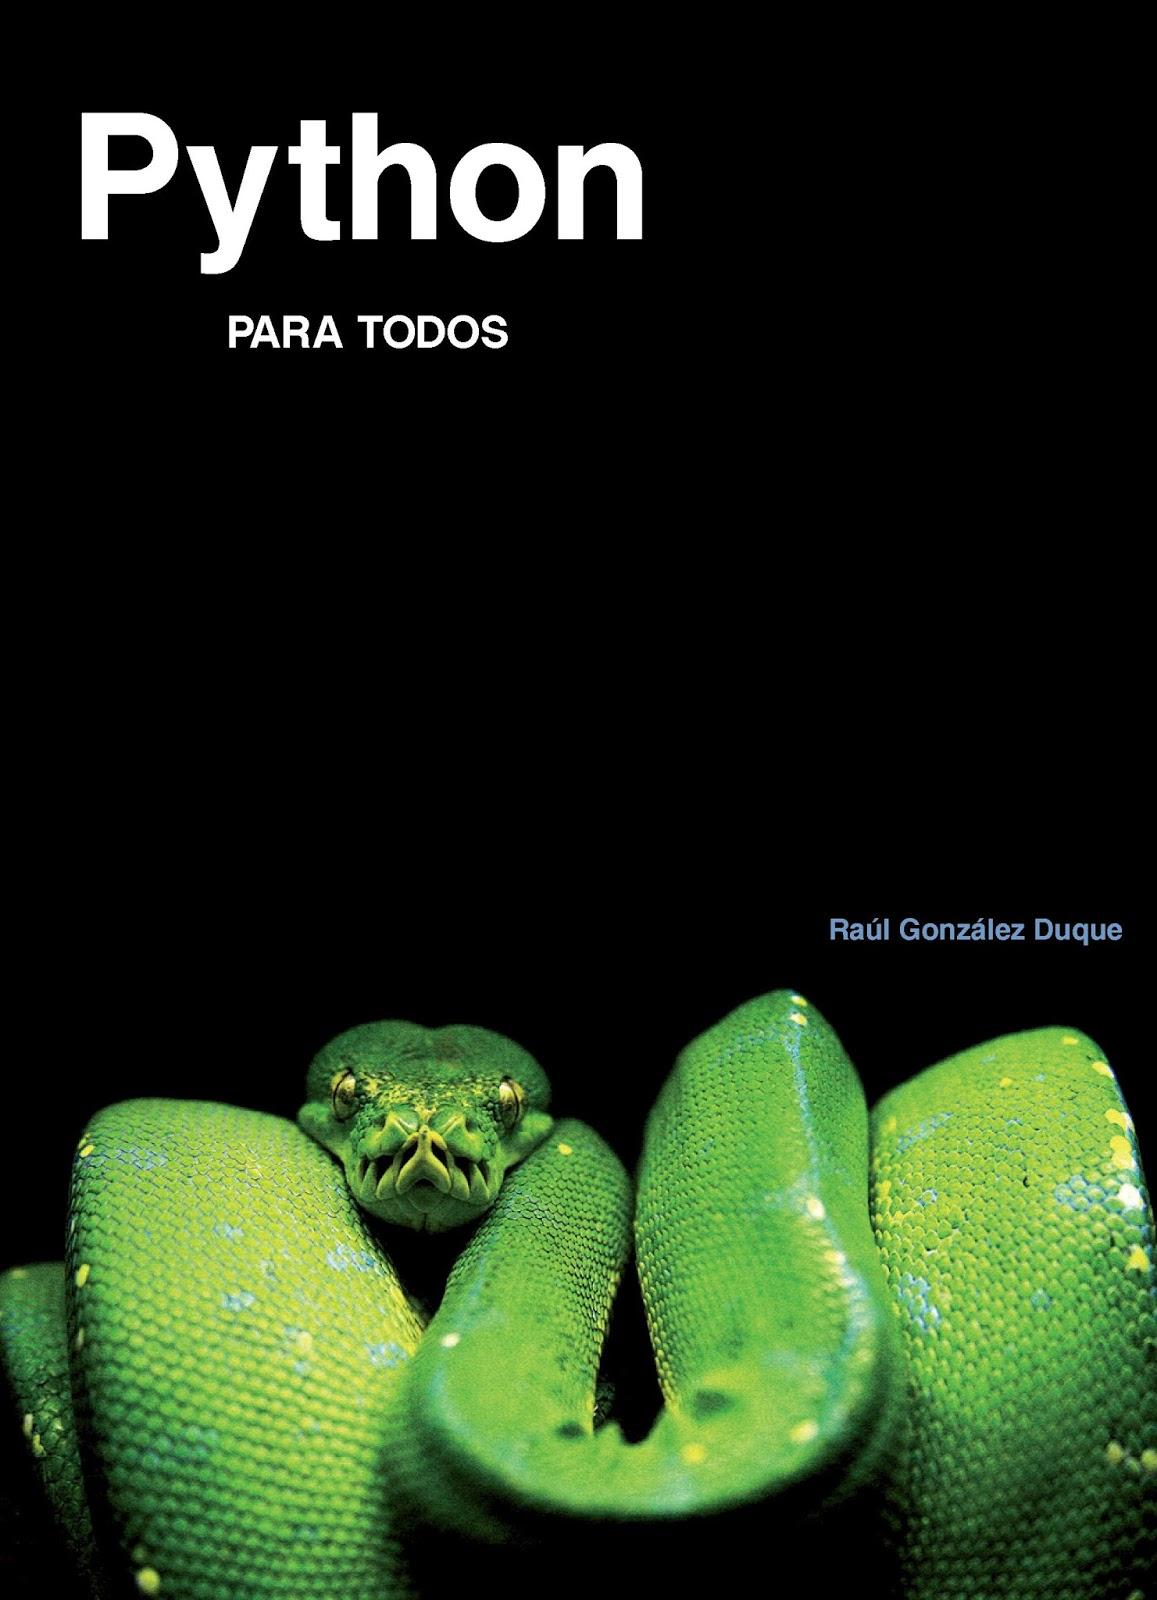 Python para todos – Raúl González Duque